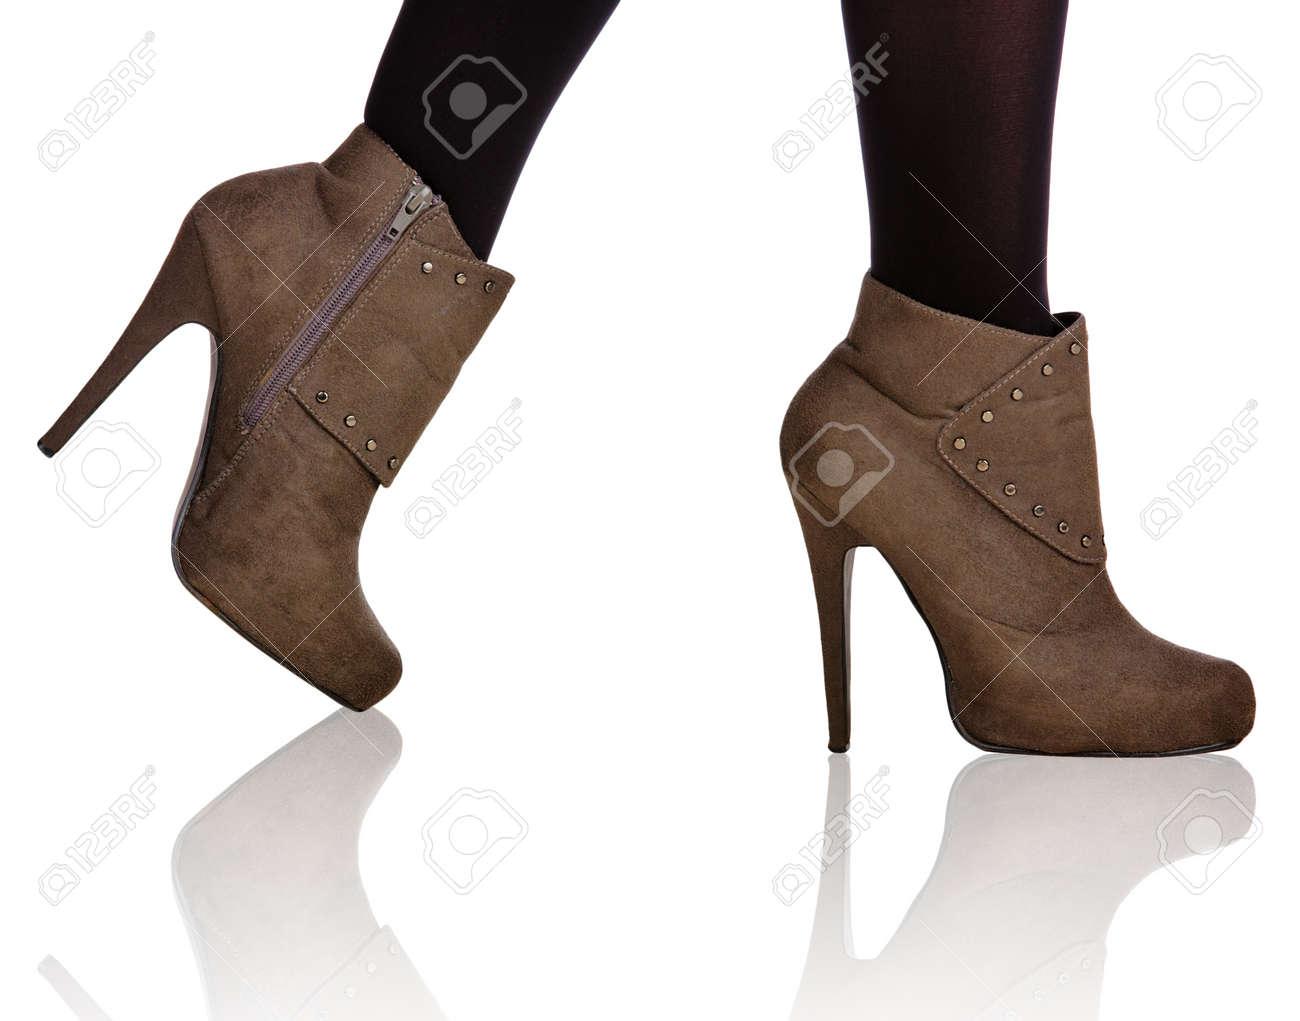 close-up de femme, les jambes en bas noirs portant des bottes en daim à talon haut sur Banque d'images - 13819998